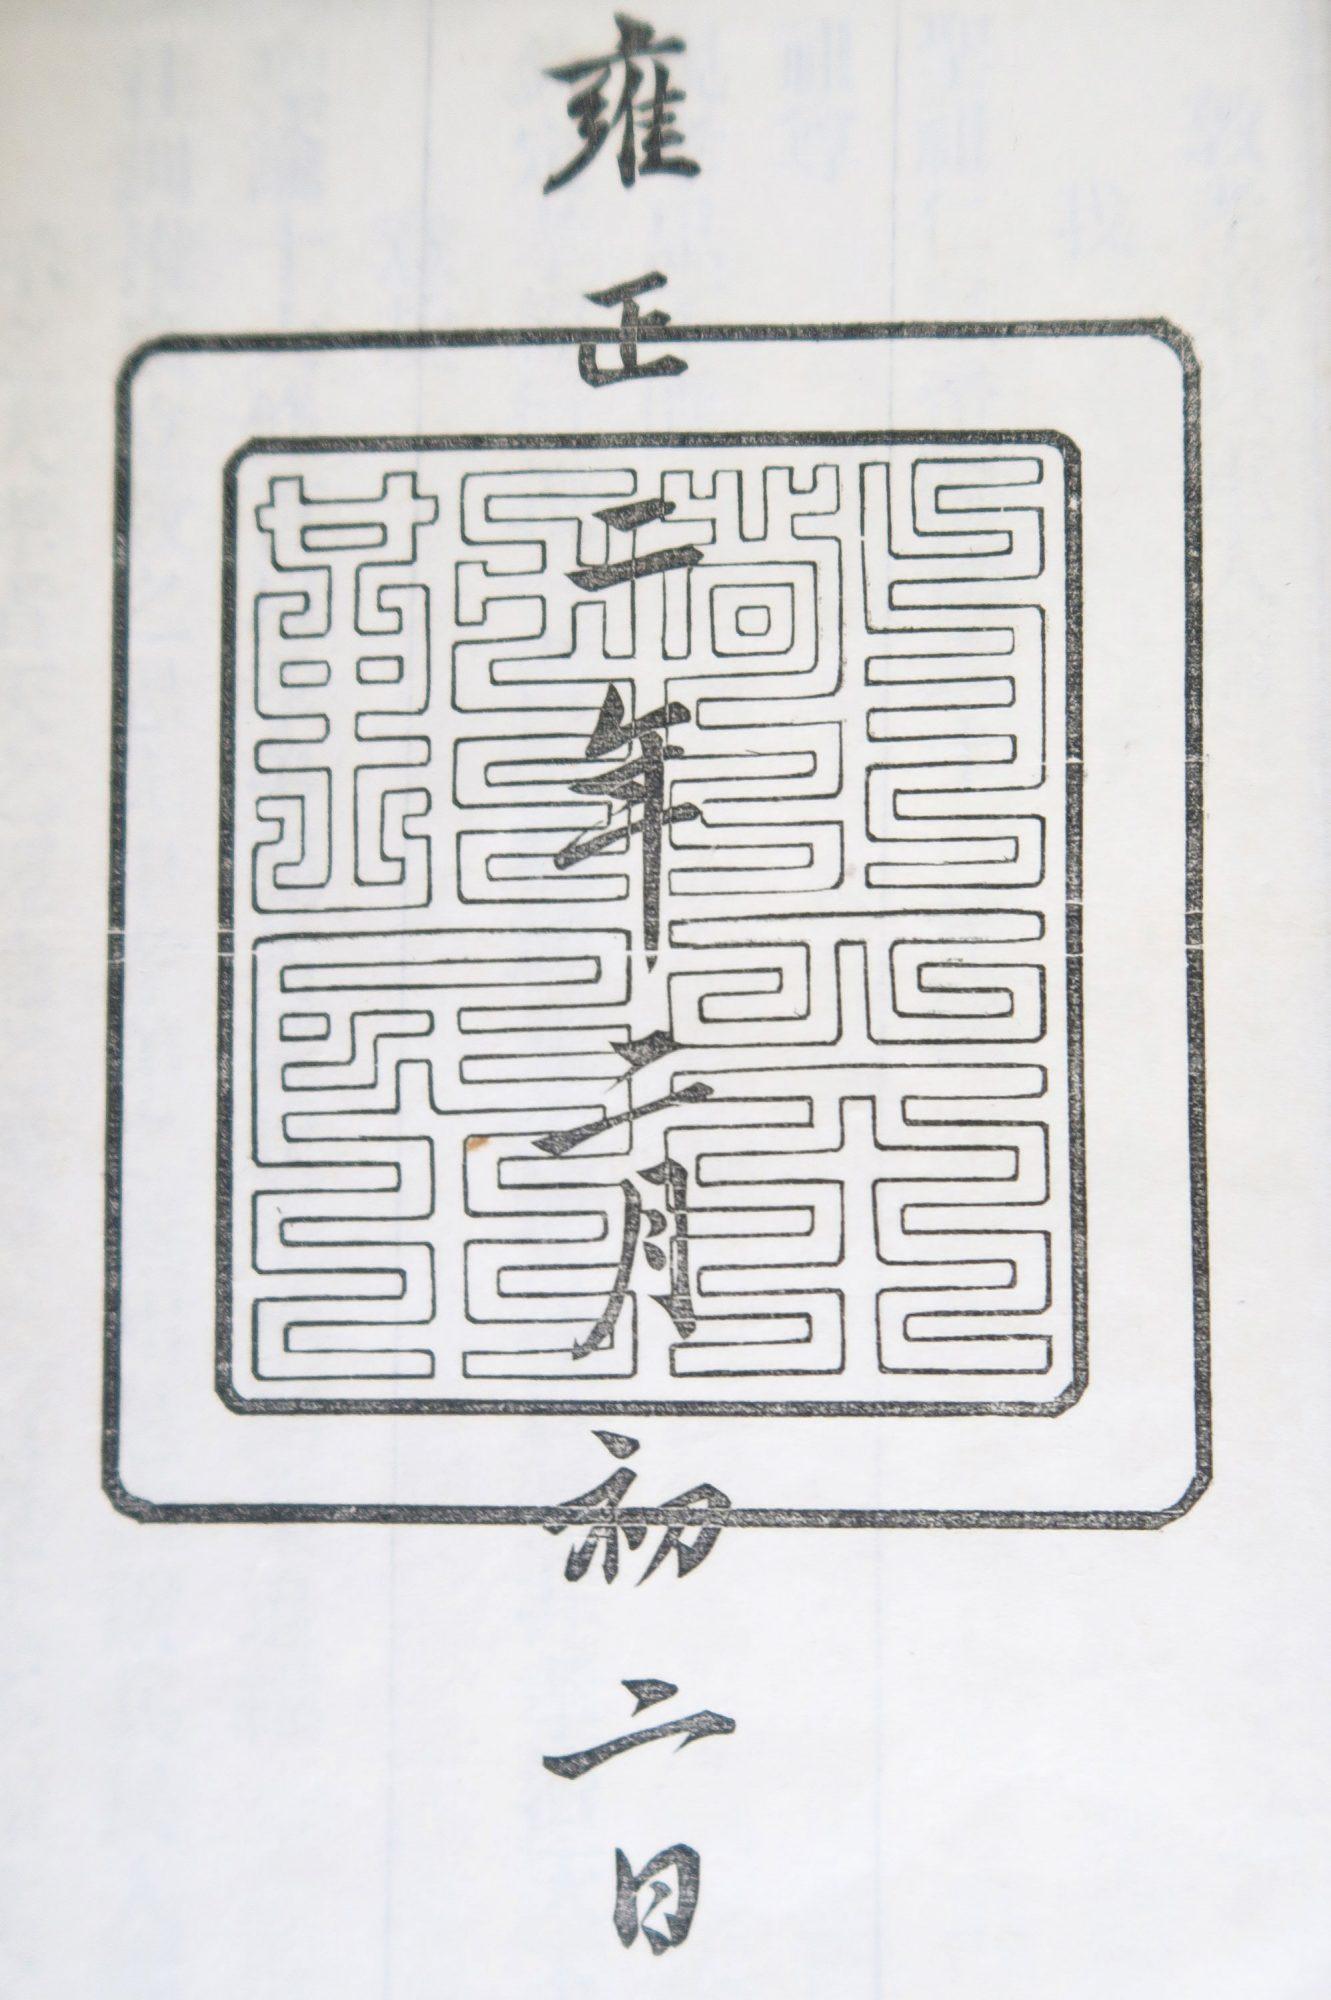 聖諭廣訓 [Shengyu guangxun. Amplified instructions on the Sacred Edict in 10,000 characters. (1724)].